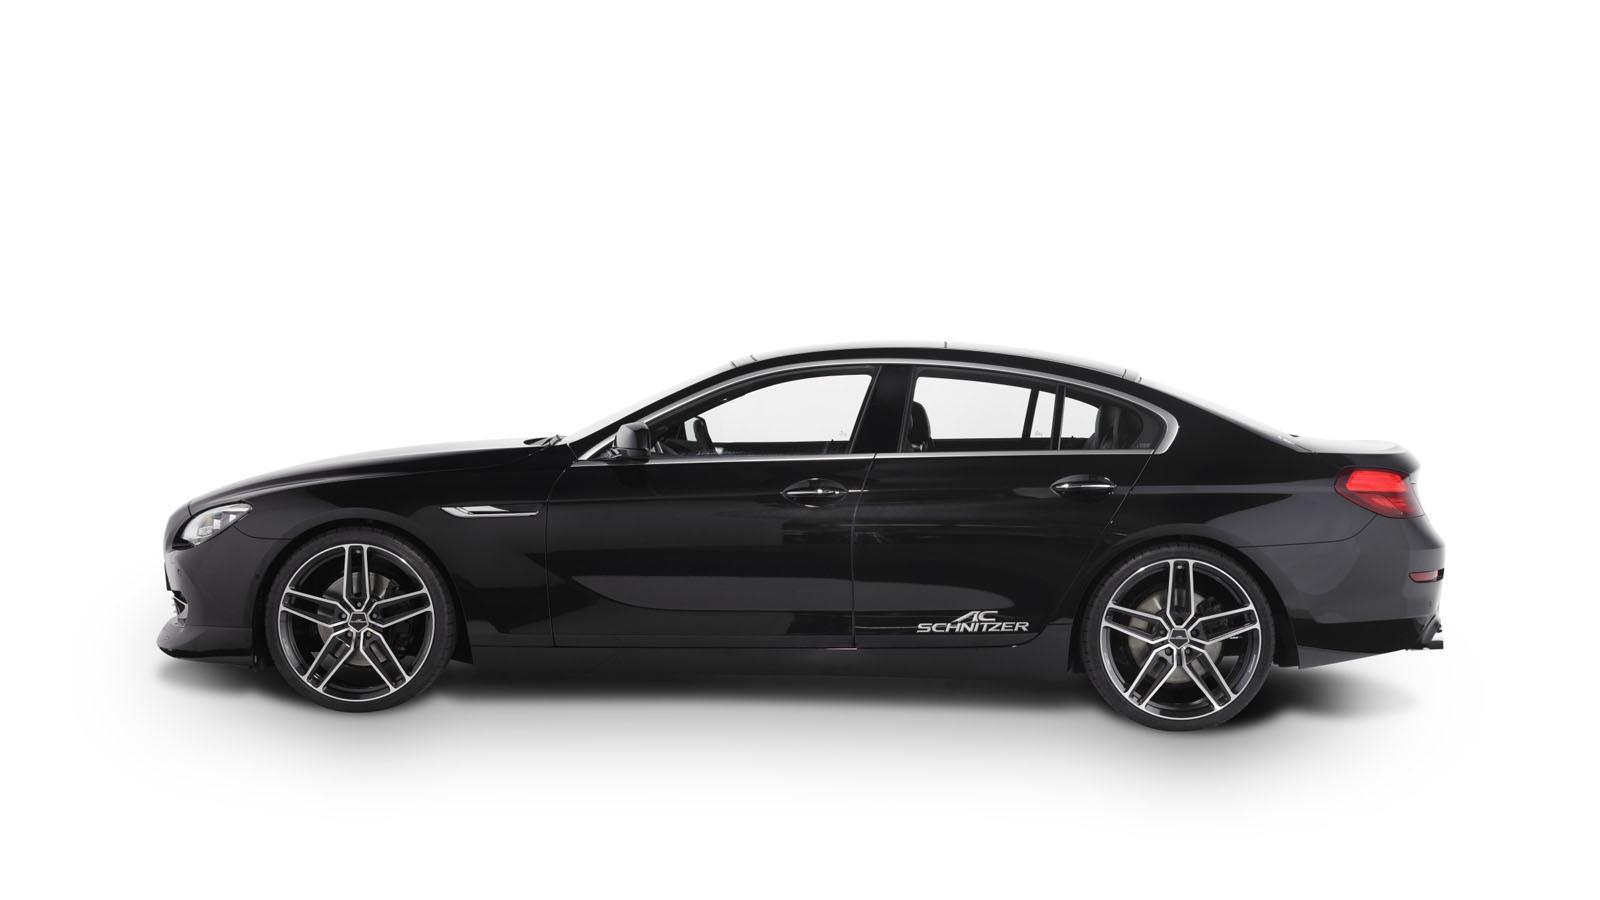 AC Schnitzer BMW 6й серии Grant Coupe - Тюнинг для совершенства - фотография №5